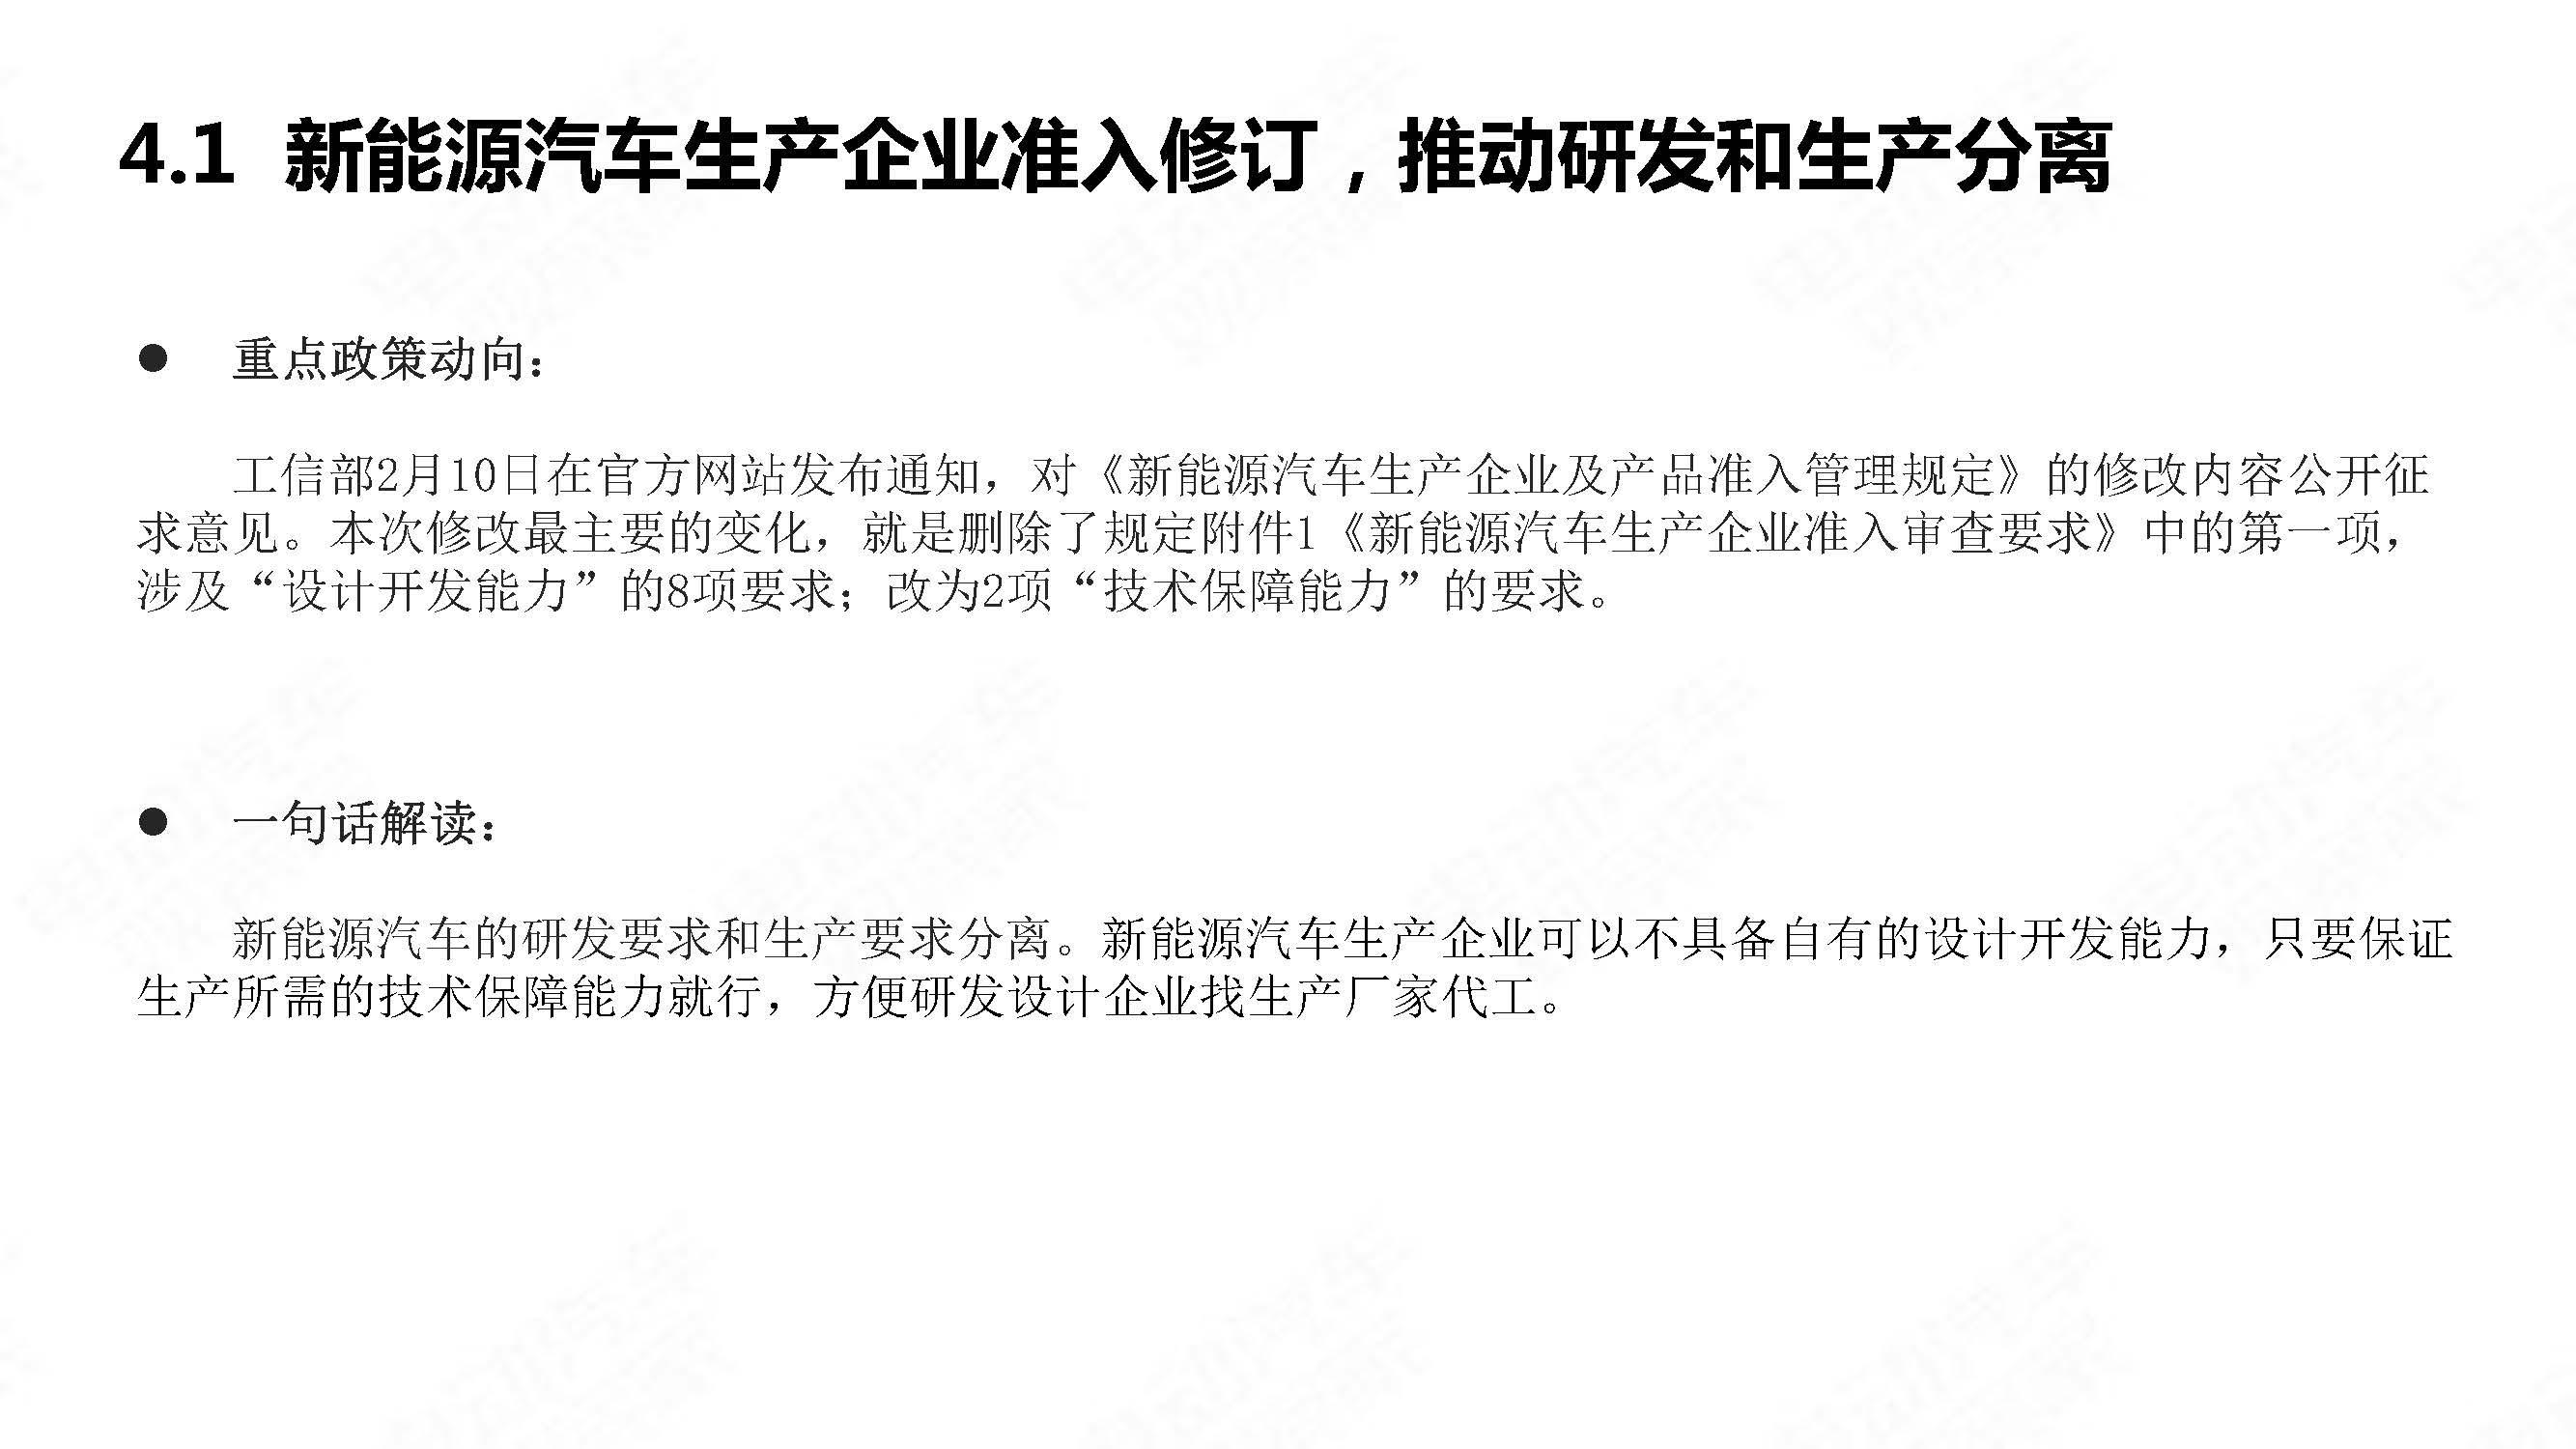 中国新能源汽车产业观察202001简略版_页面_24